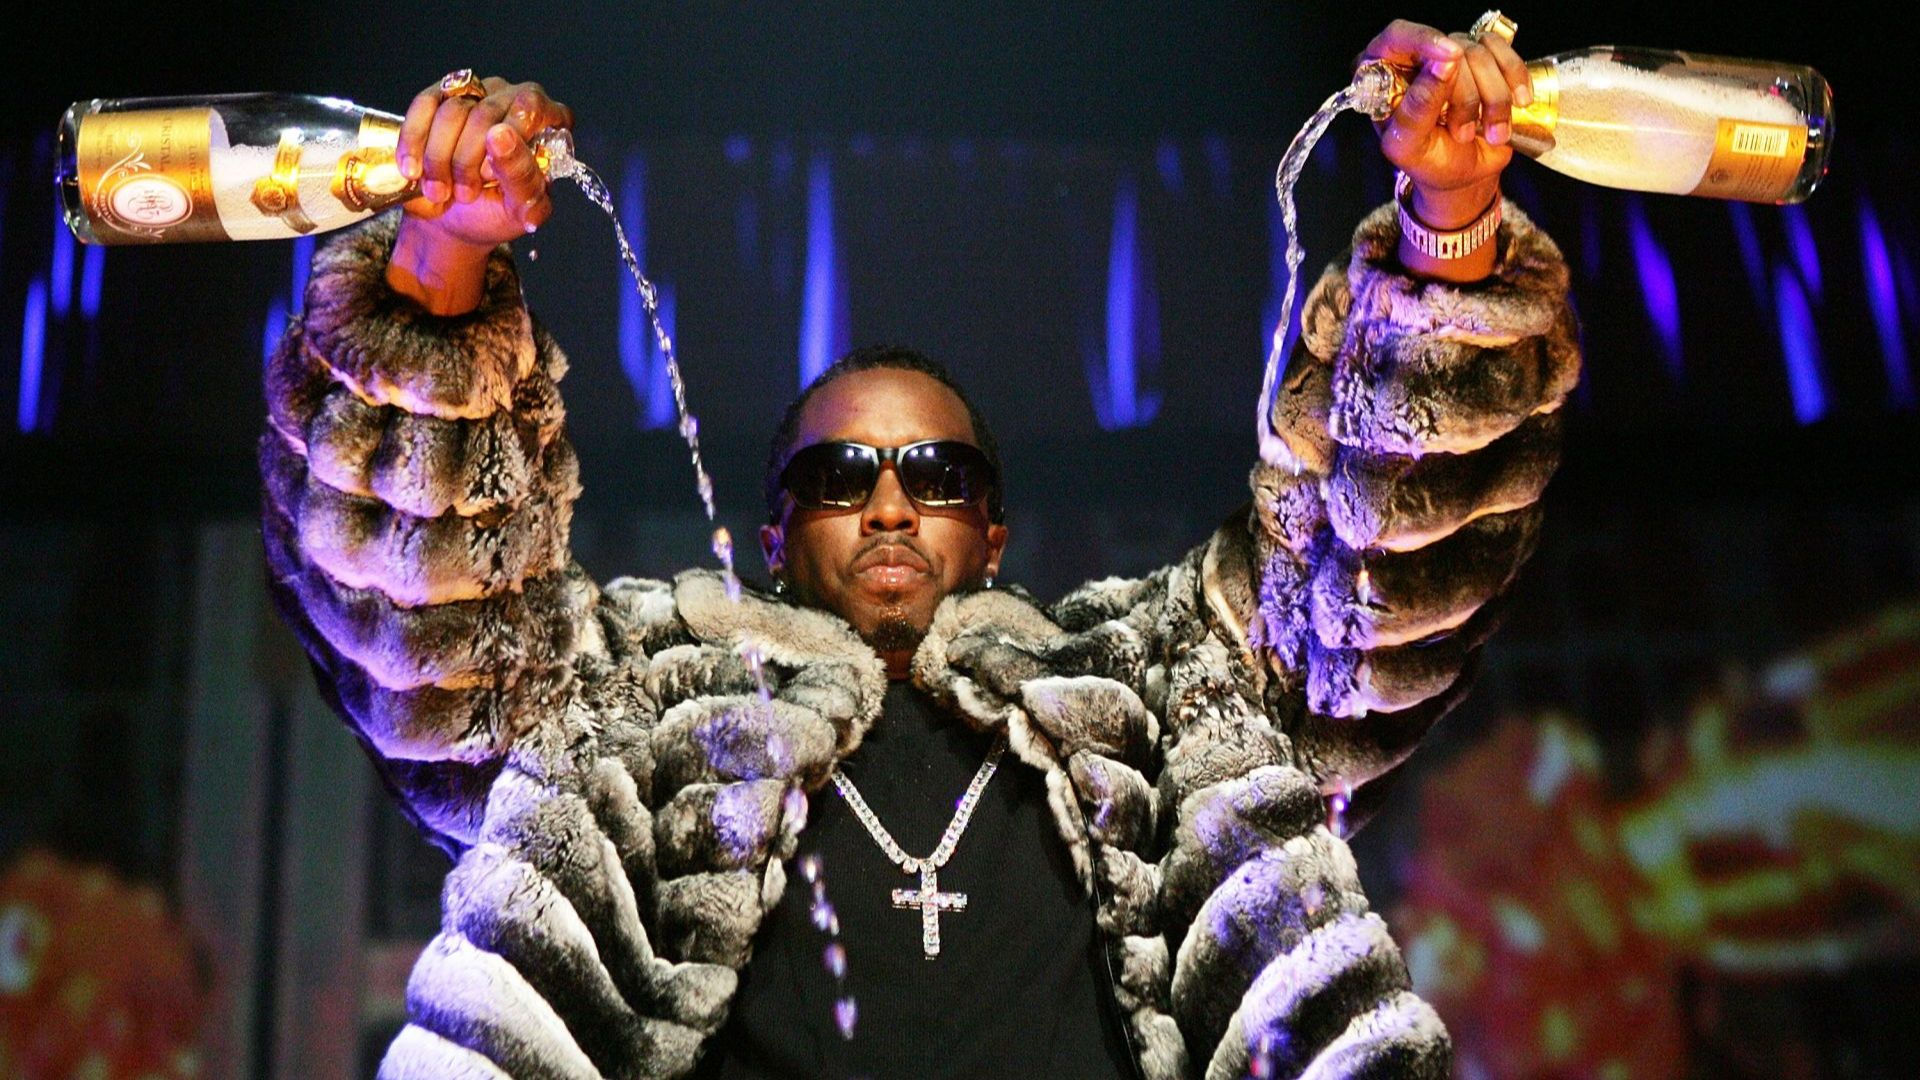 P. Diddy похарчи $60 хил., за да присъства на рождения ден на сина си като холограма